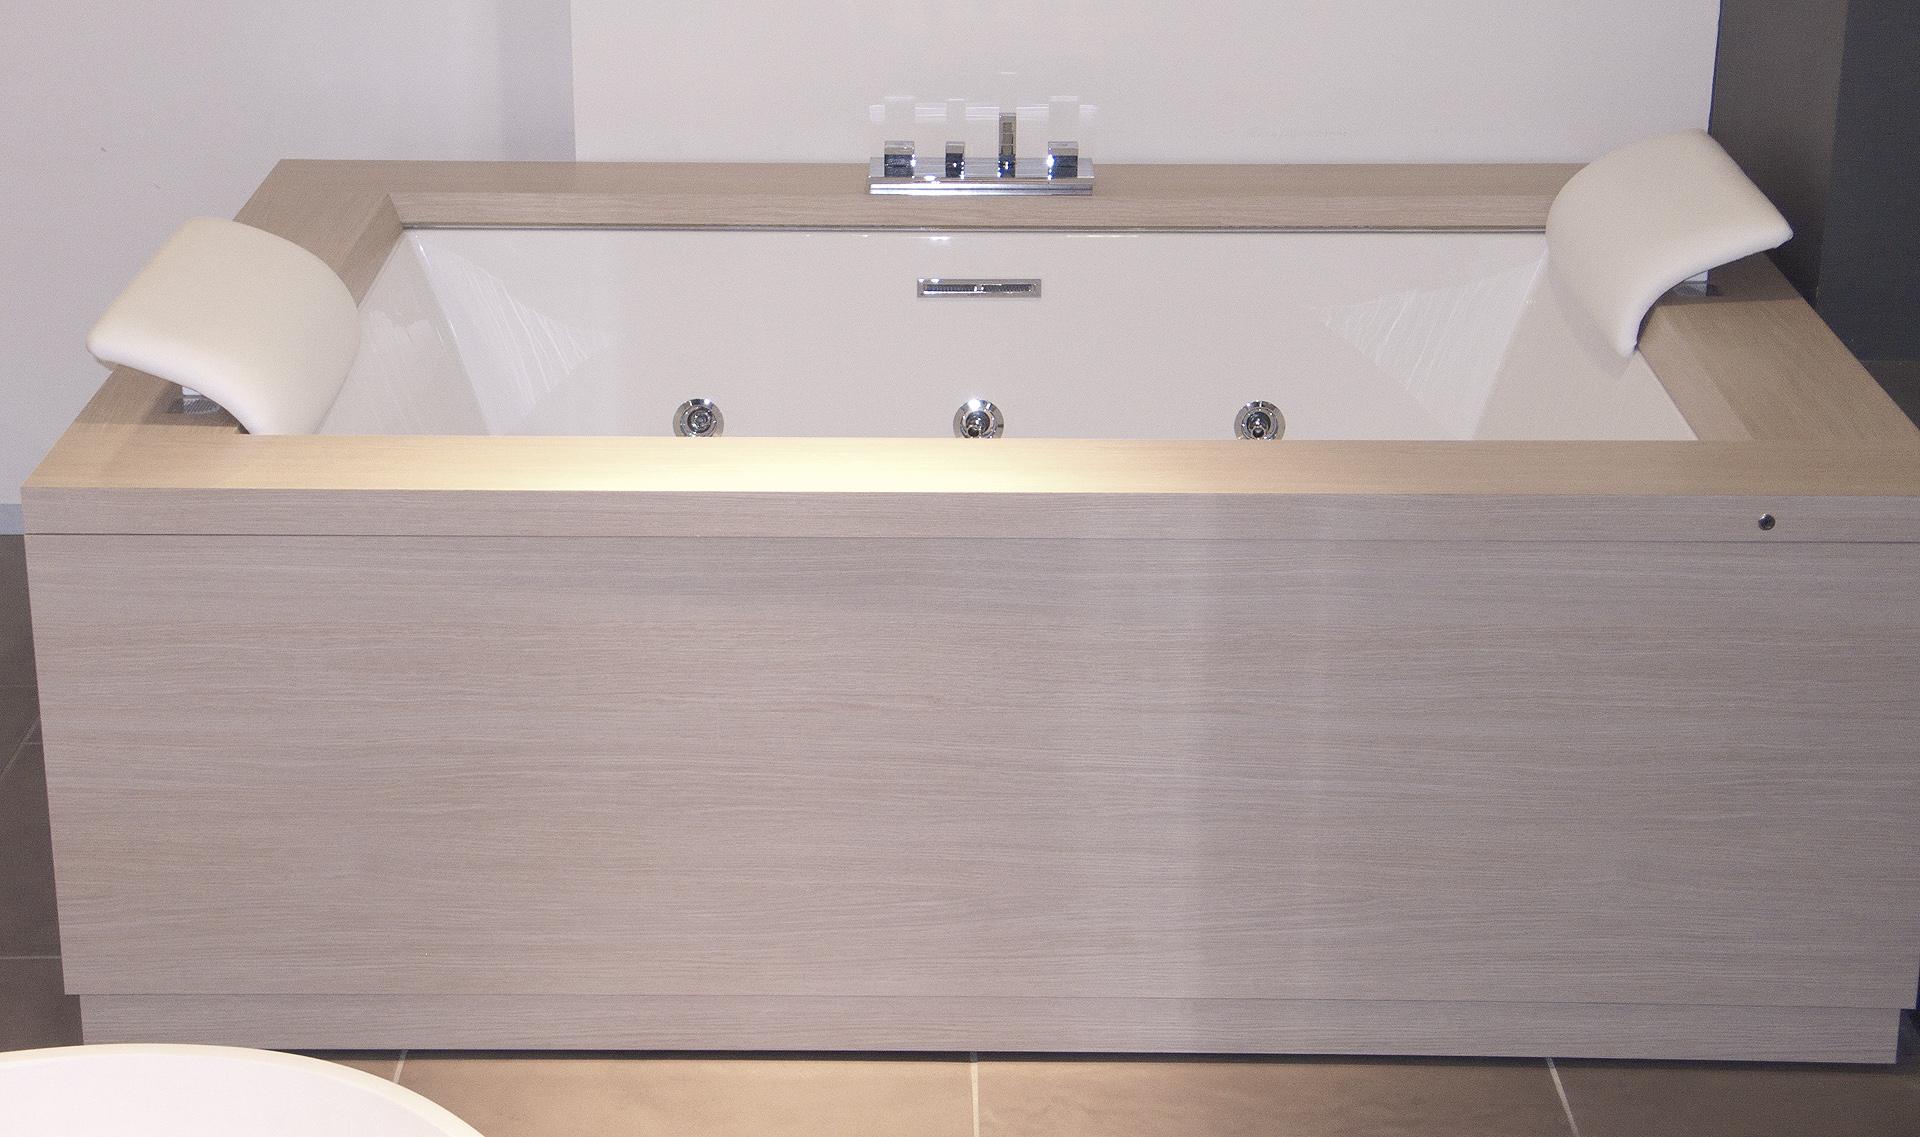 sintesibagno-showroom-arredobagno-lago-maggiore-verbania-svizzera-canton-ticino-22